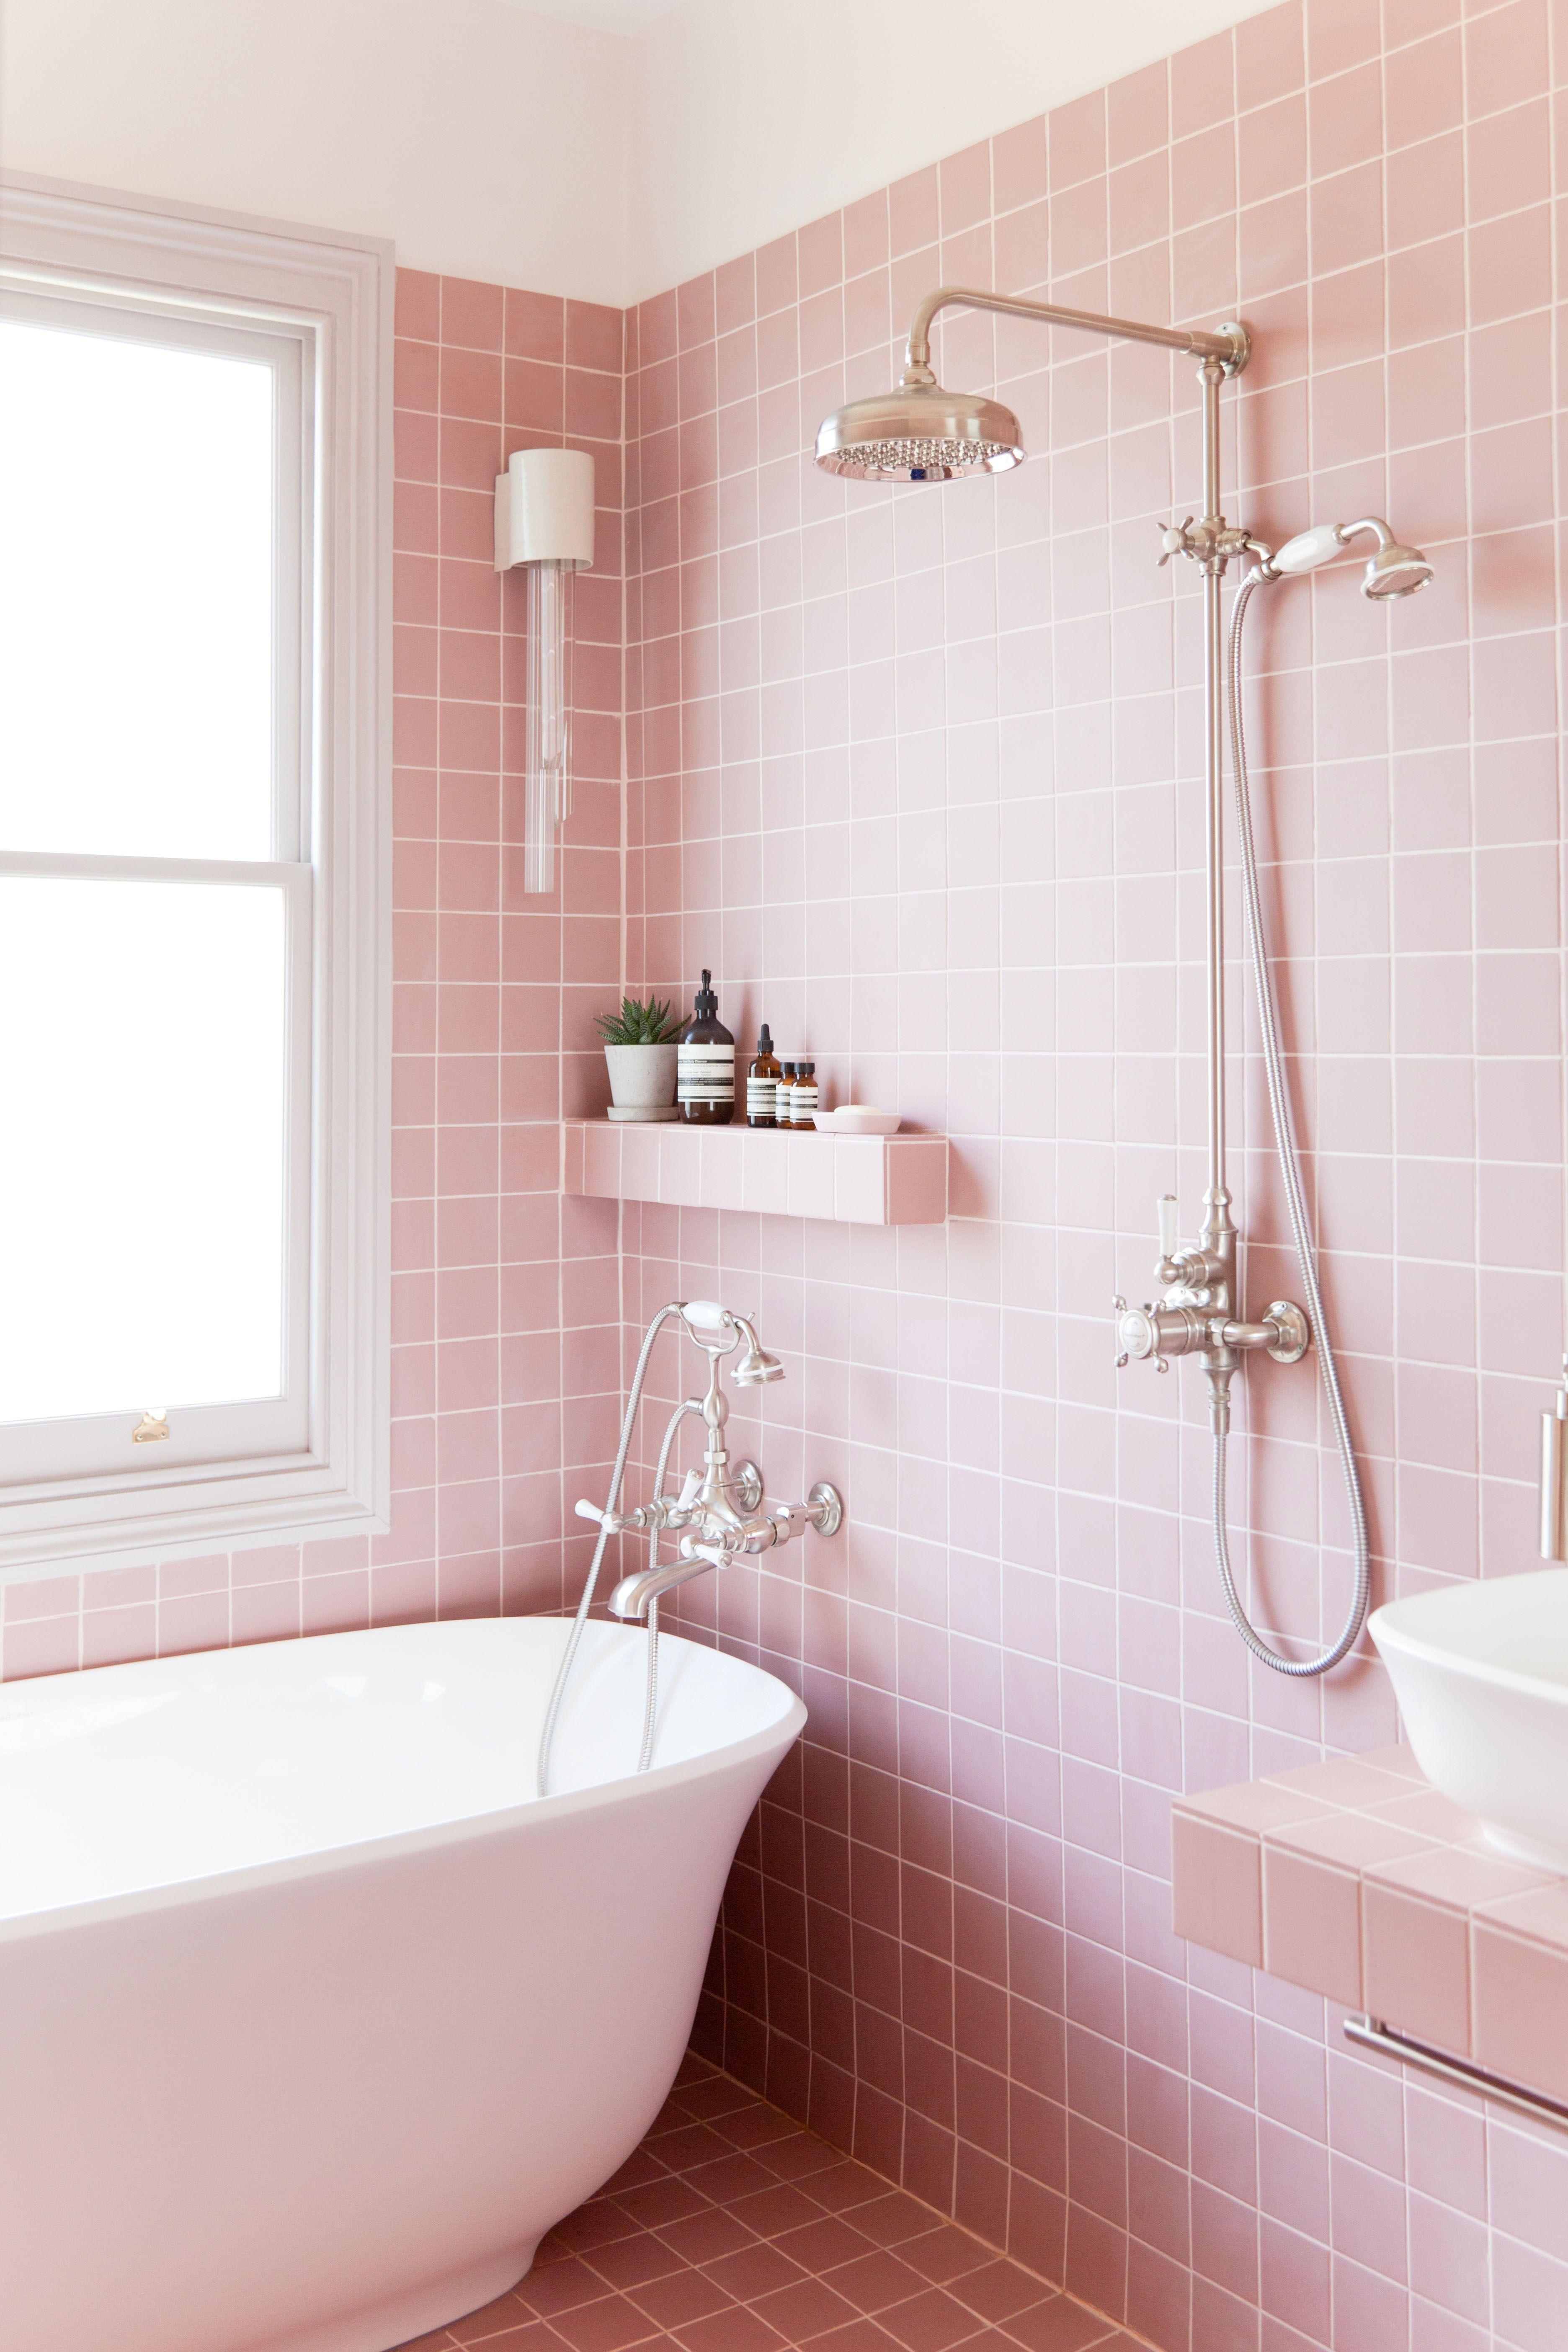 A u0027Millennial Pinku0027 bathroom by London based design